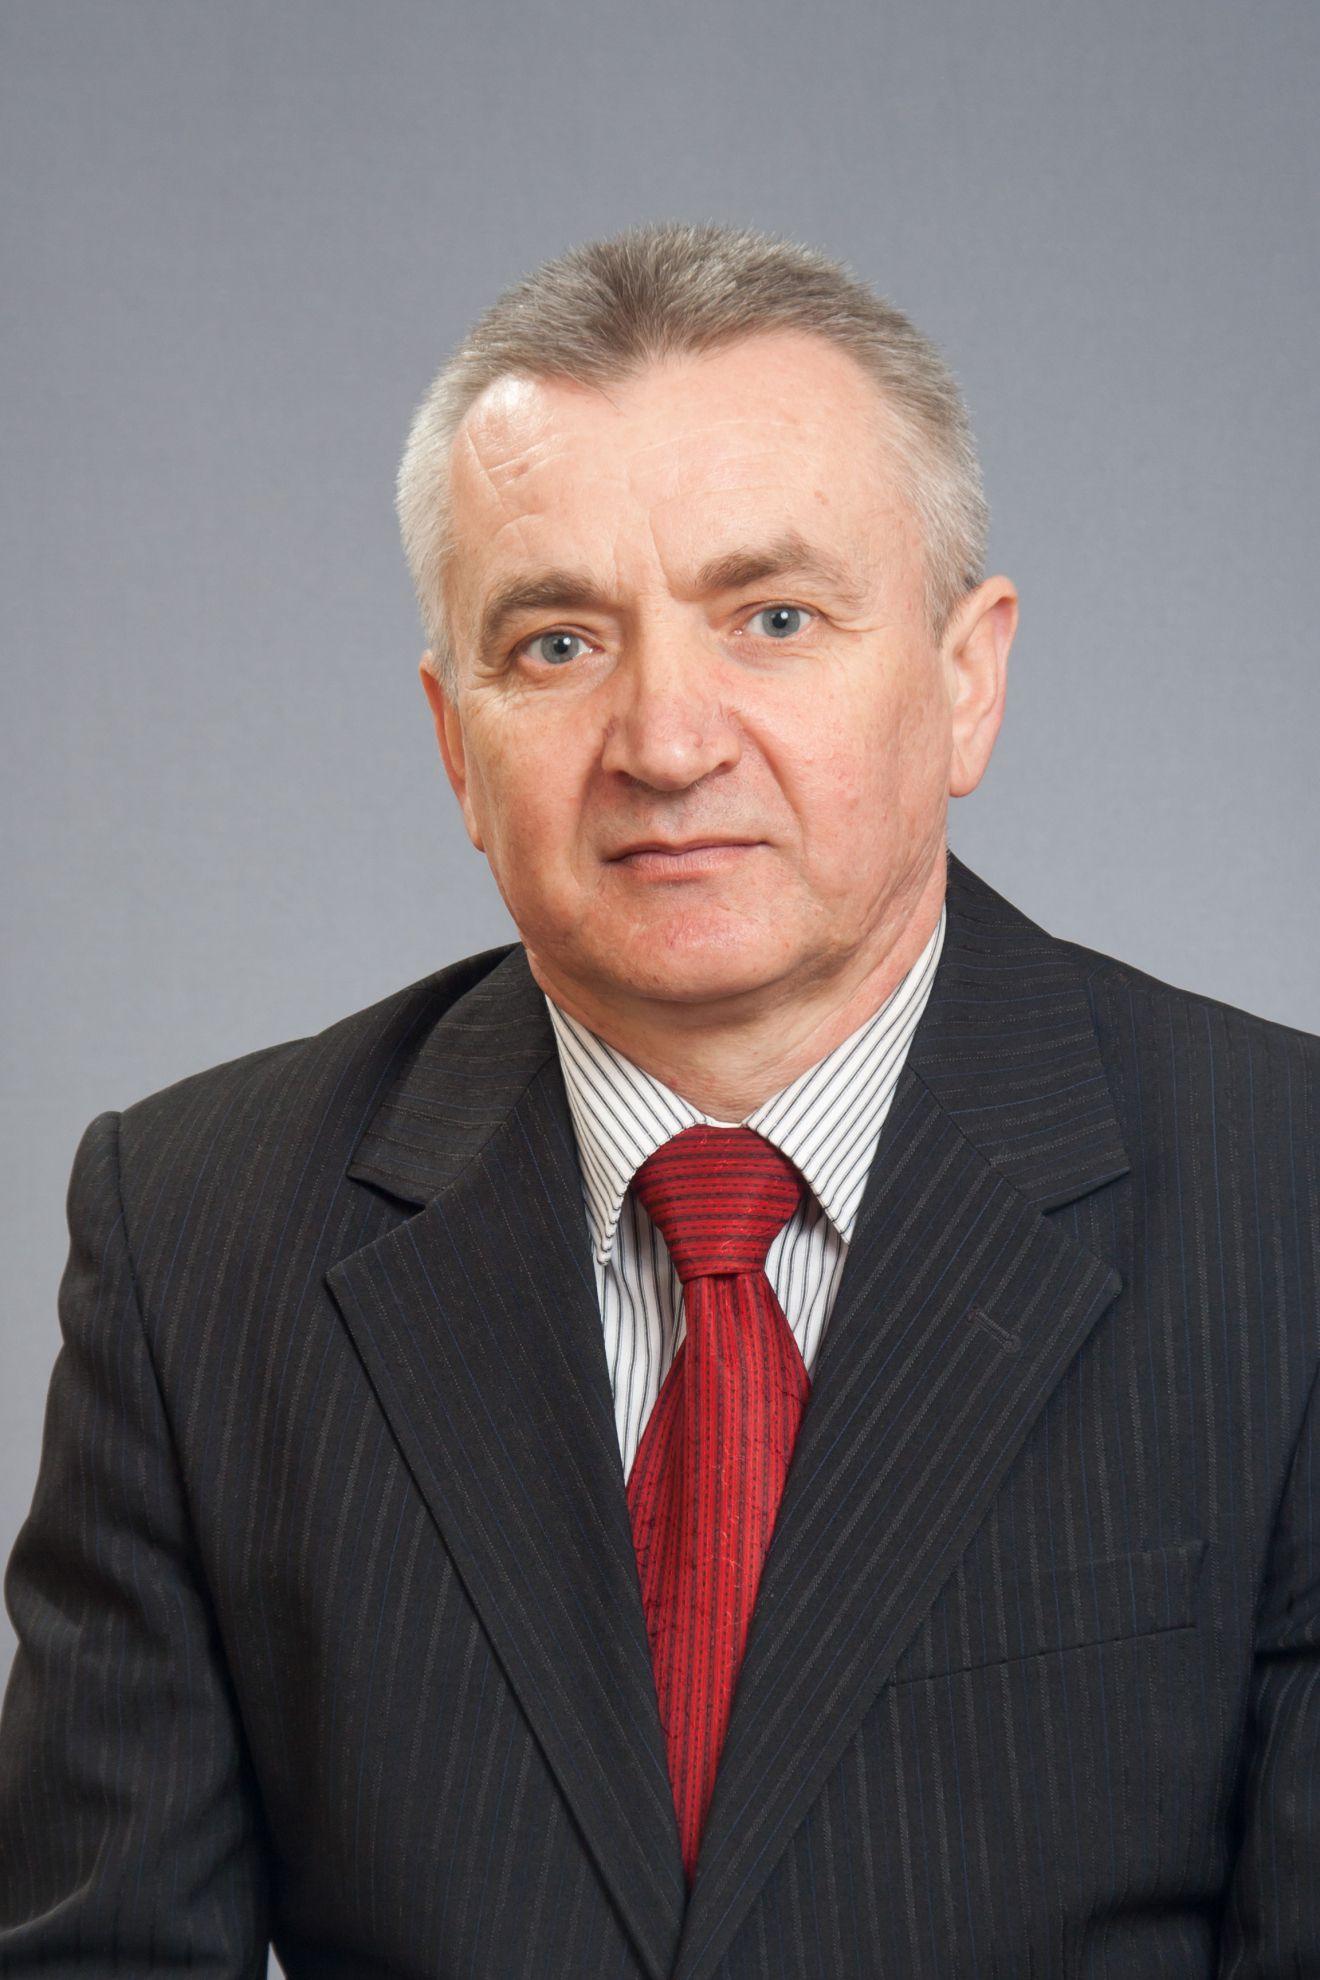 andrushchenko